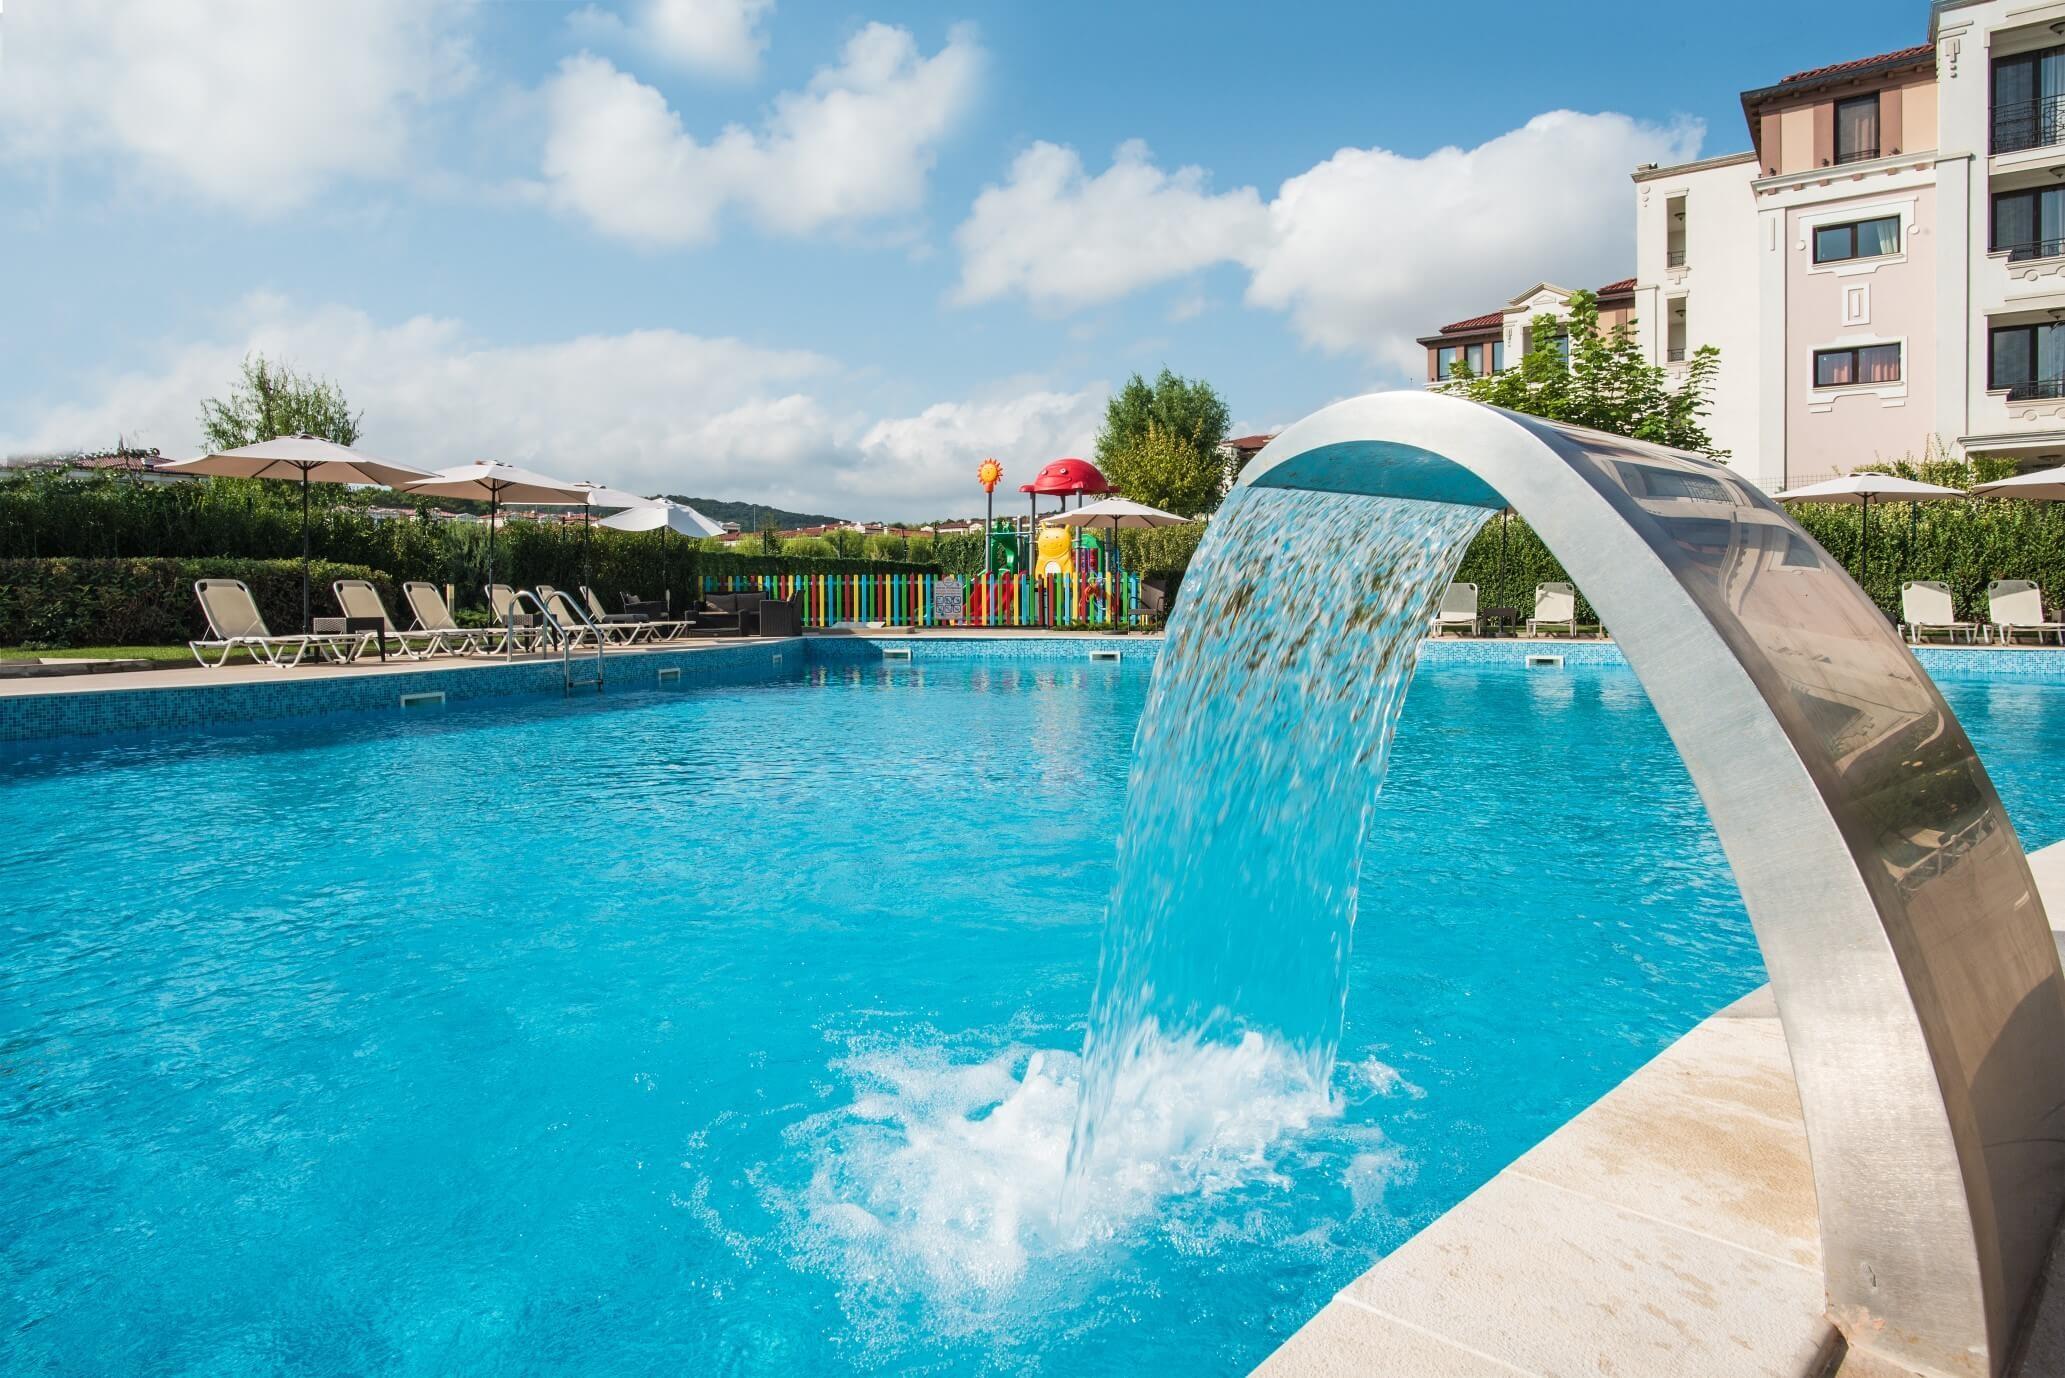 Хотел Мирамар - басейн